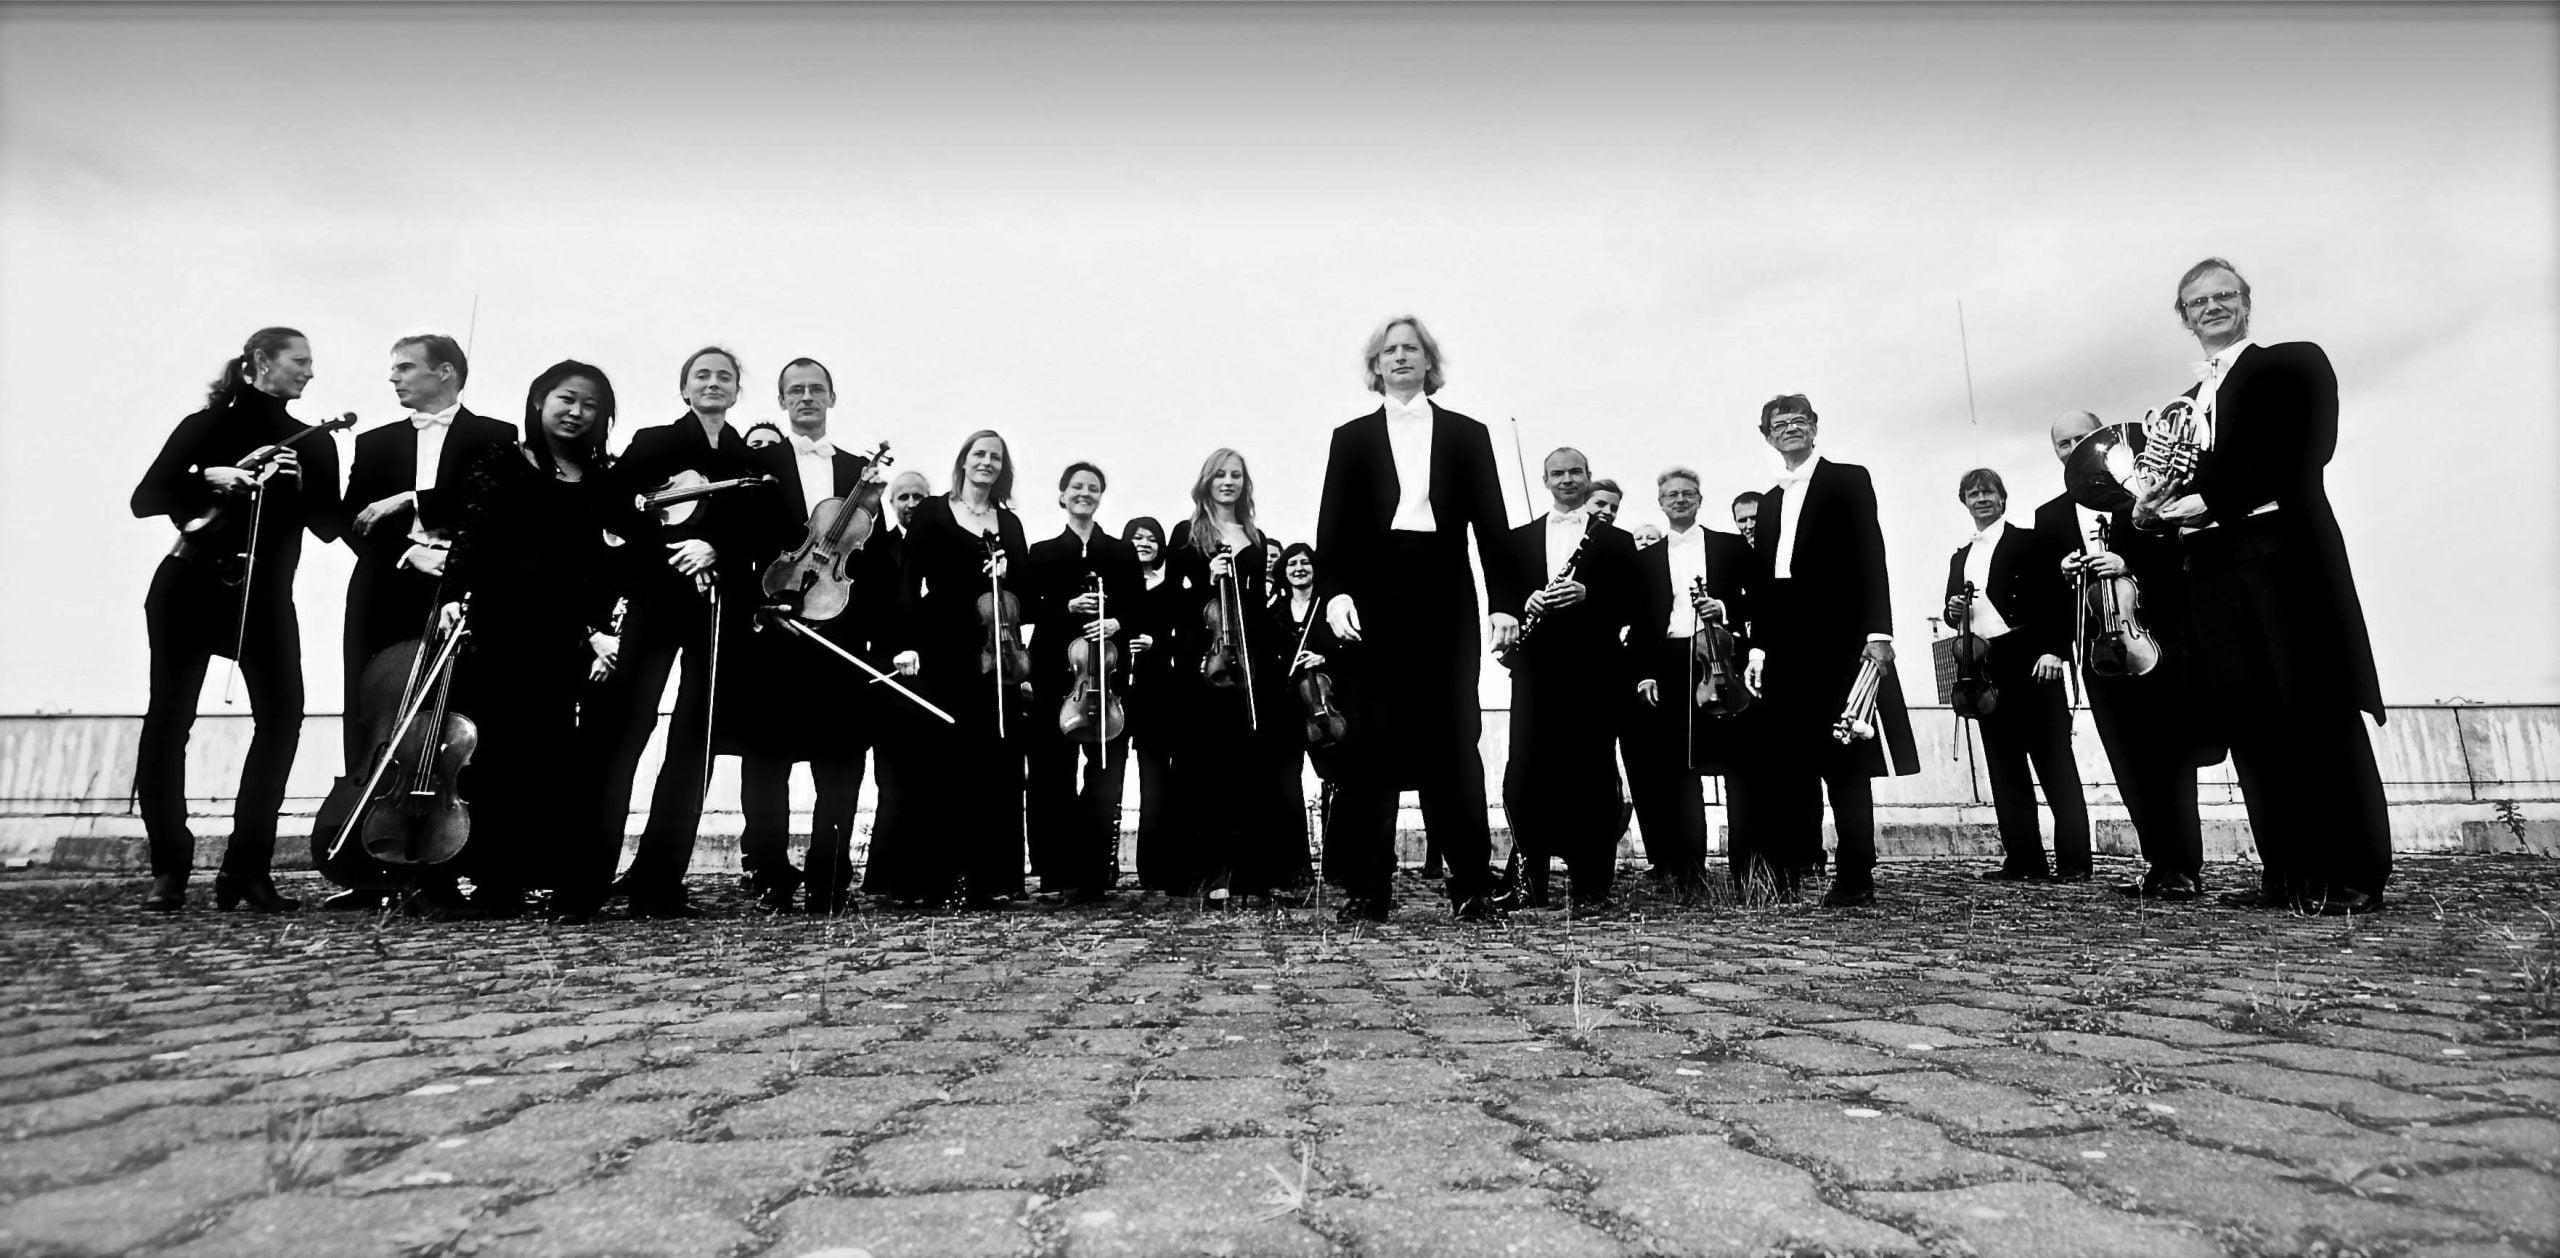 Nabil Arbaain & Mathis Mayr / Kammersymphonie Berlin